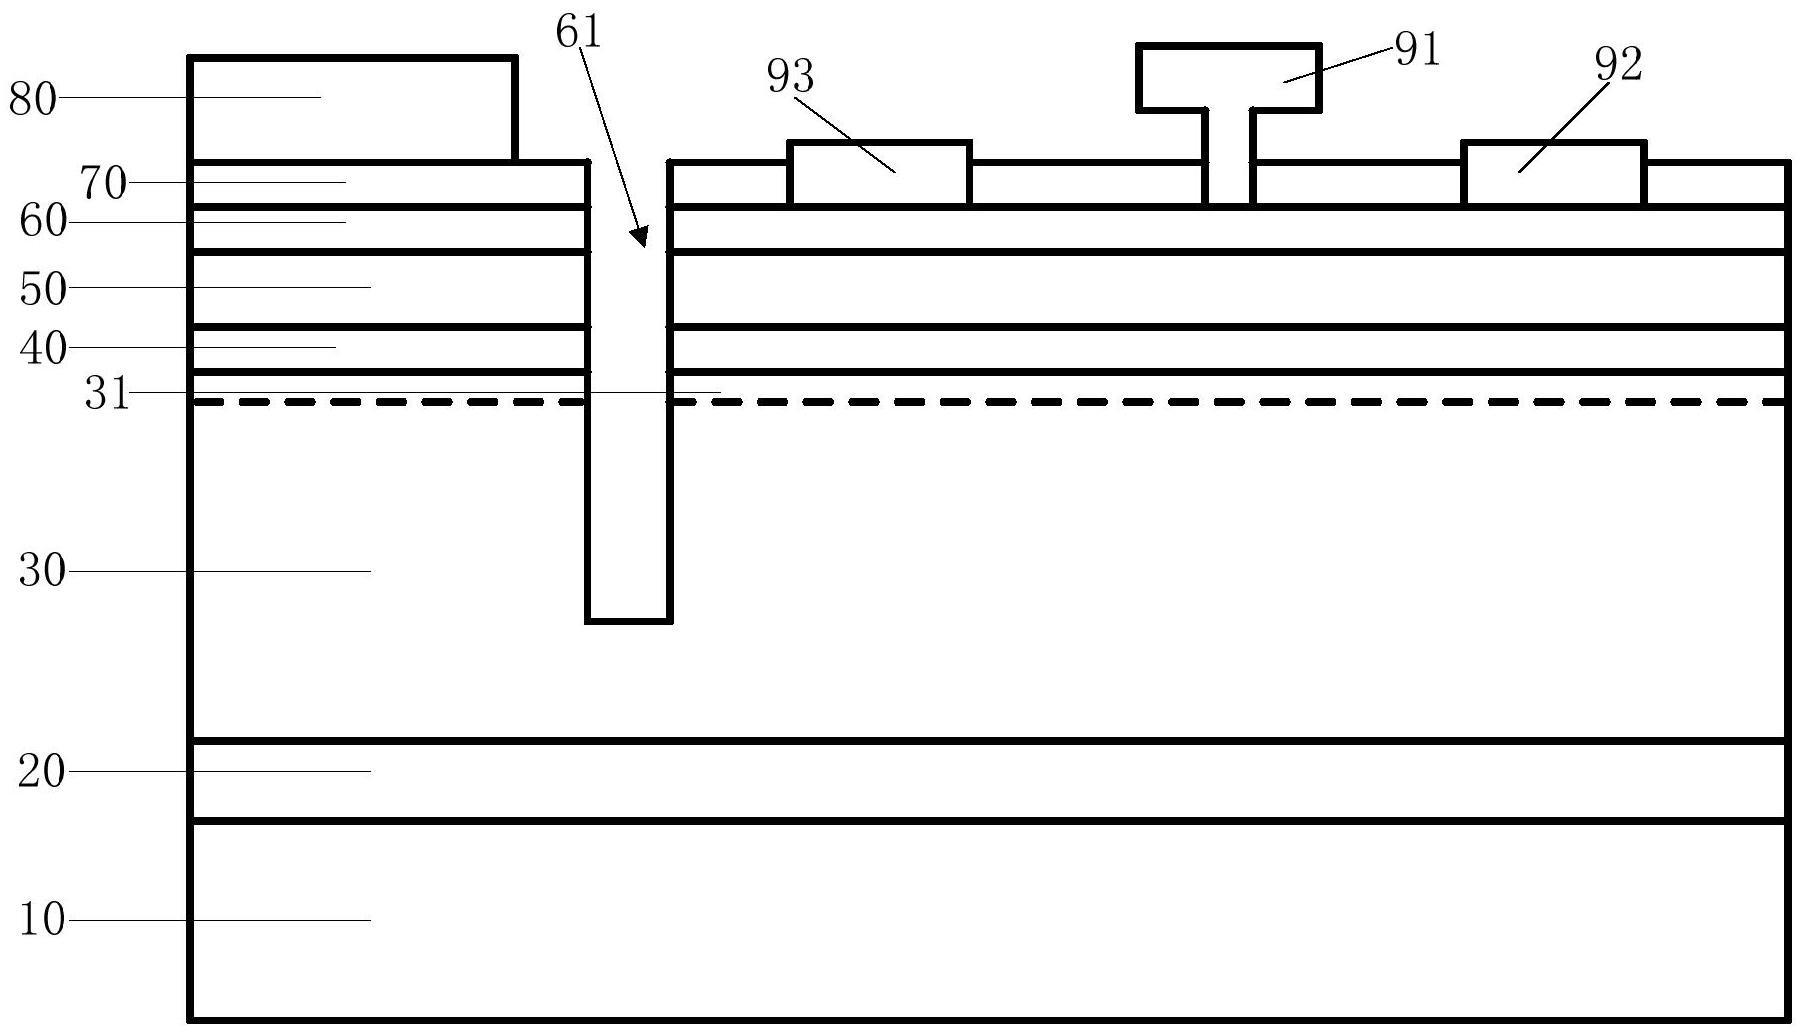 【仪表最新专利】GaN压力传感器件及其制作方法